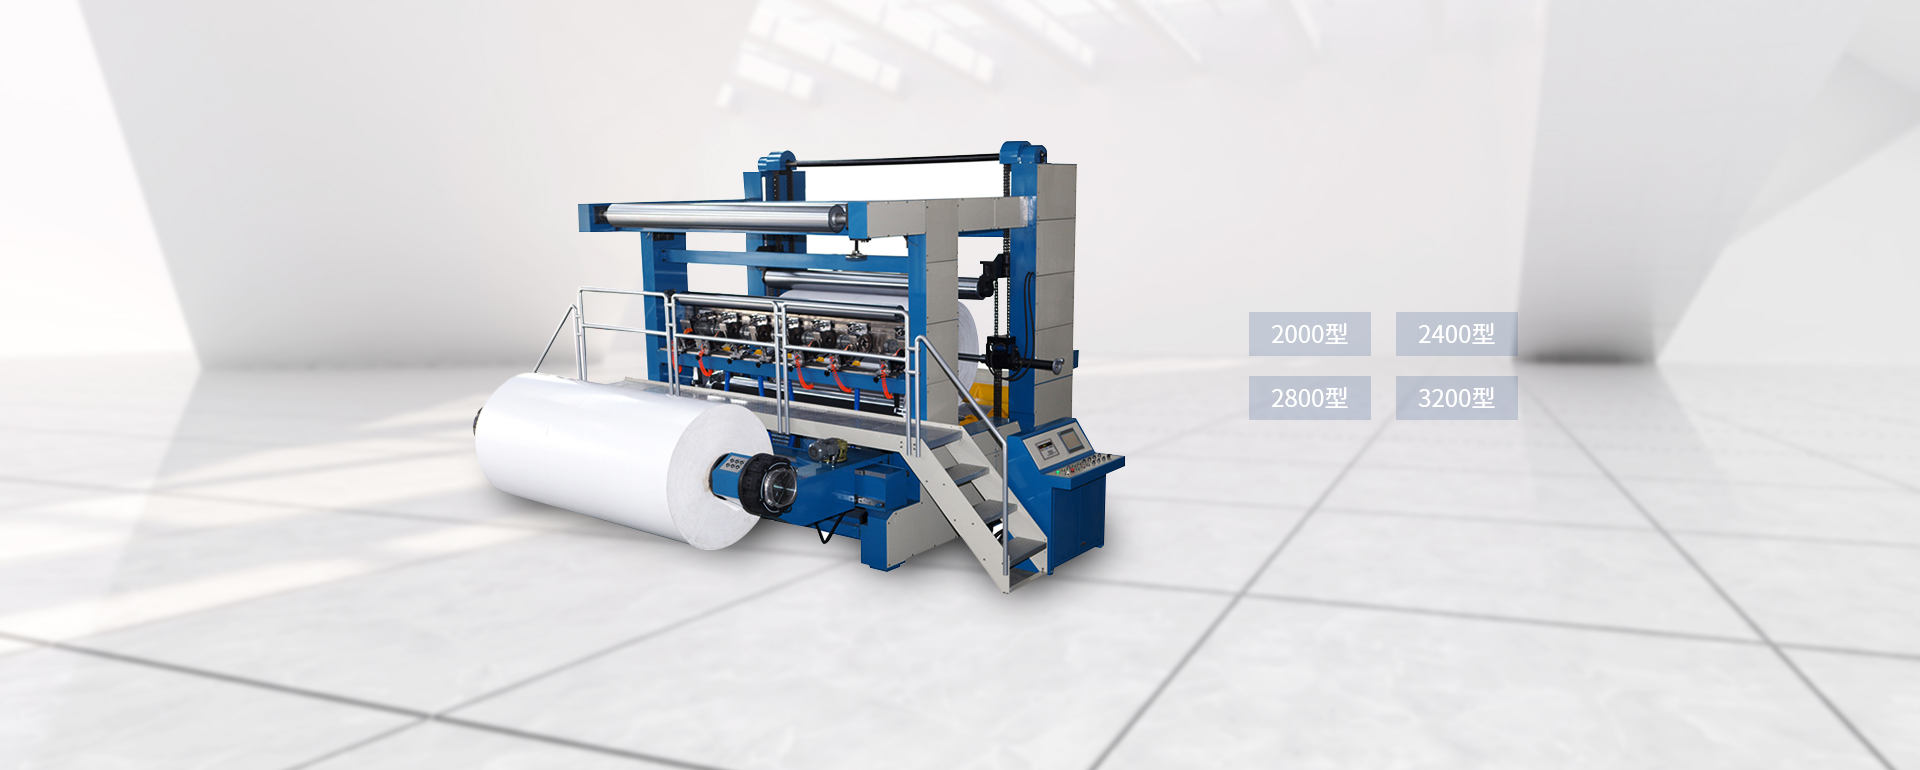 Fabricantes de máquinas de embalaje